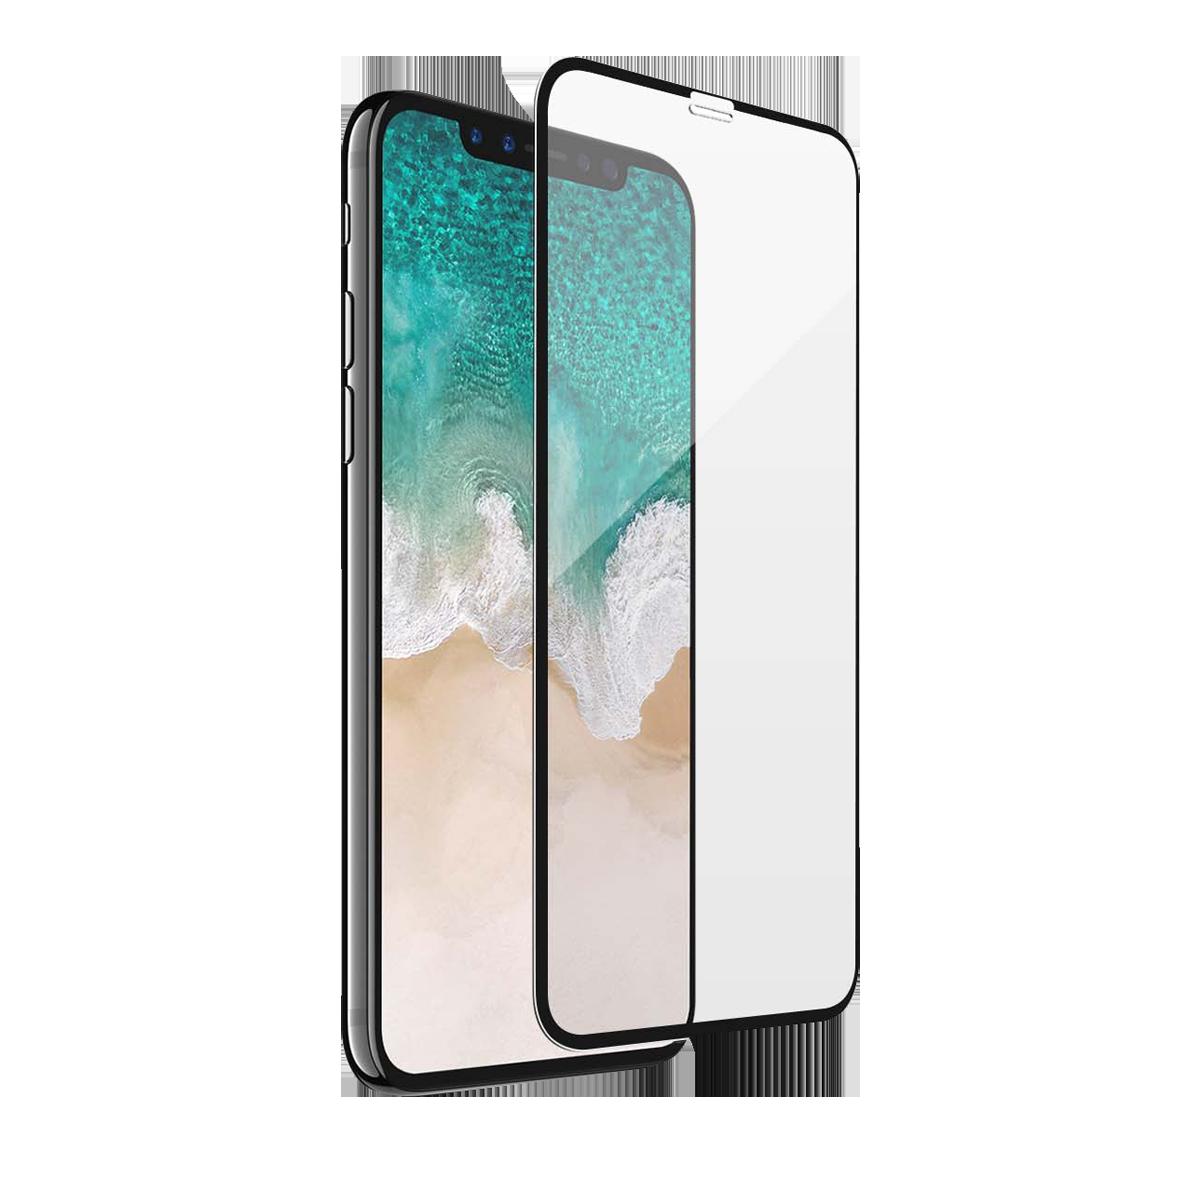 iPhone 12 Pro Max için spada Mat Tam kaplayan temperli ekran koruma camı